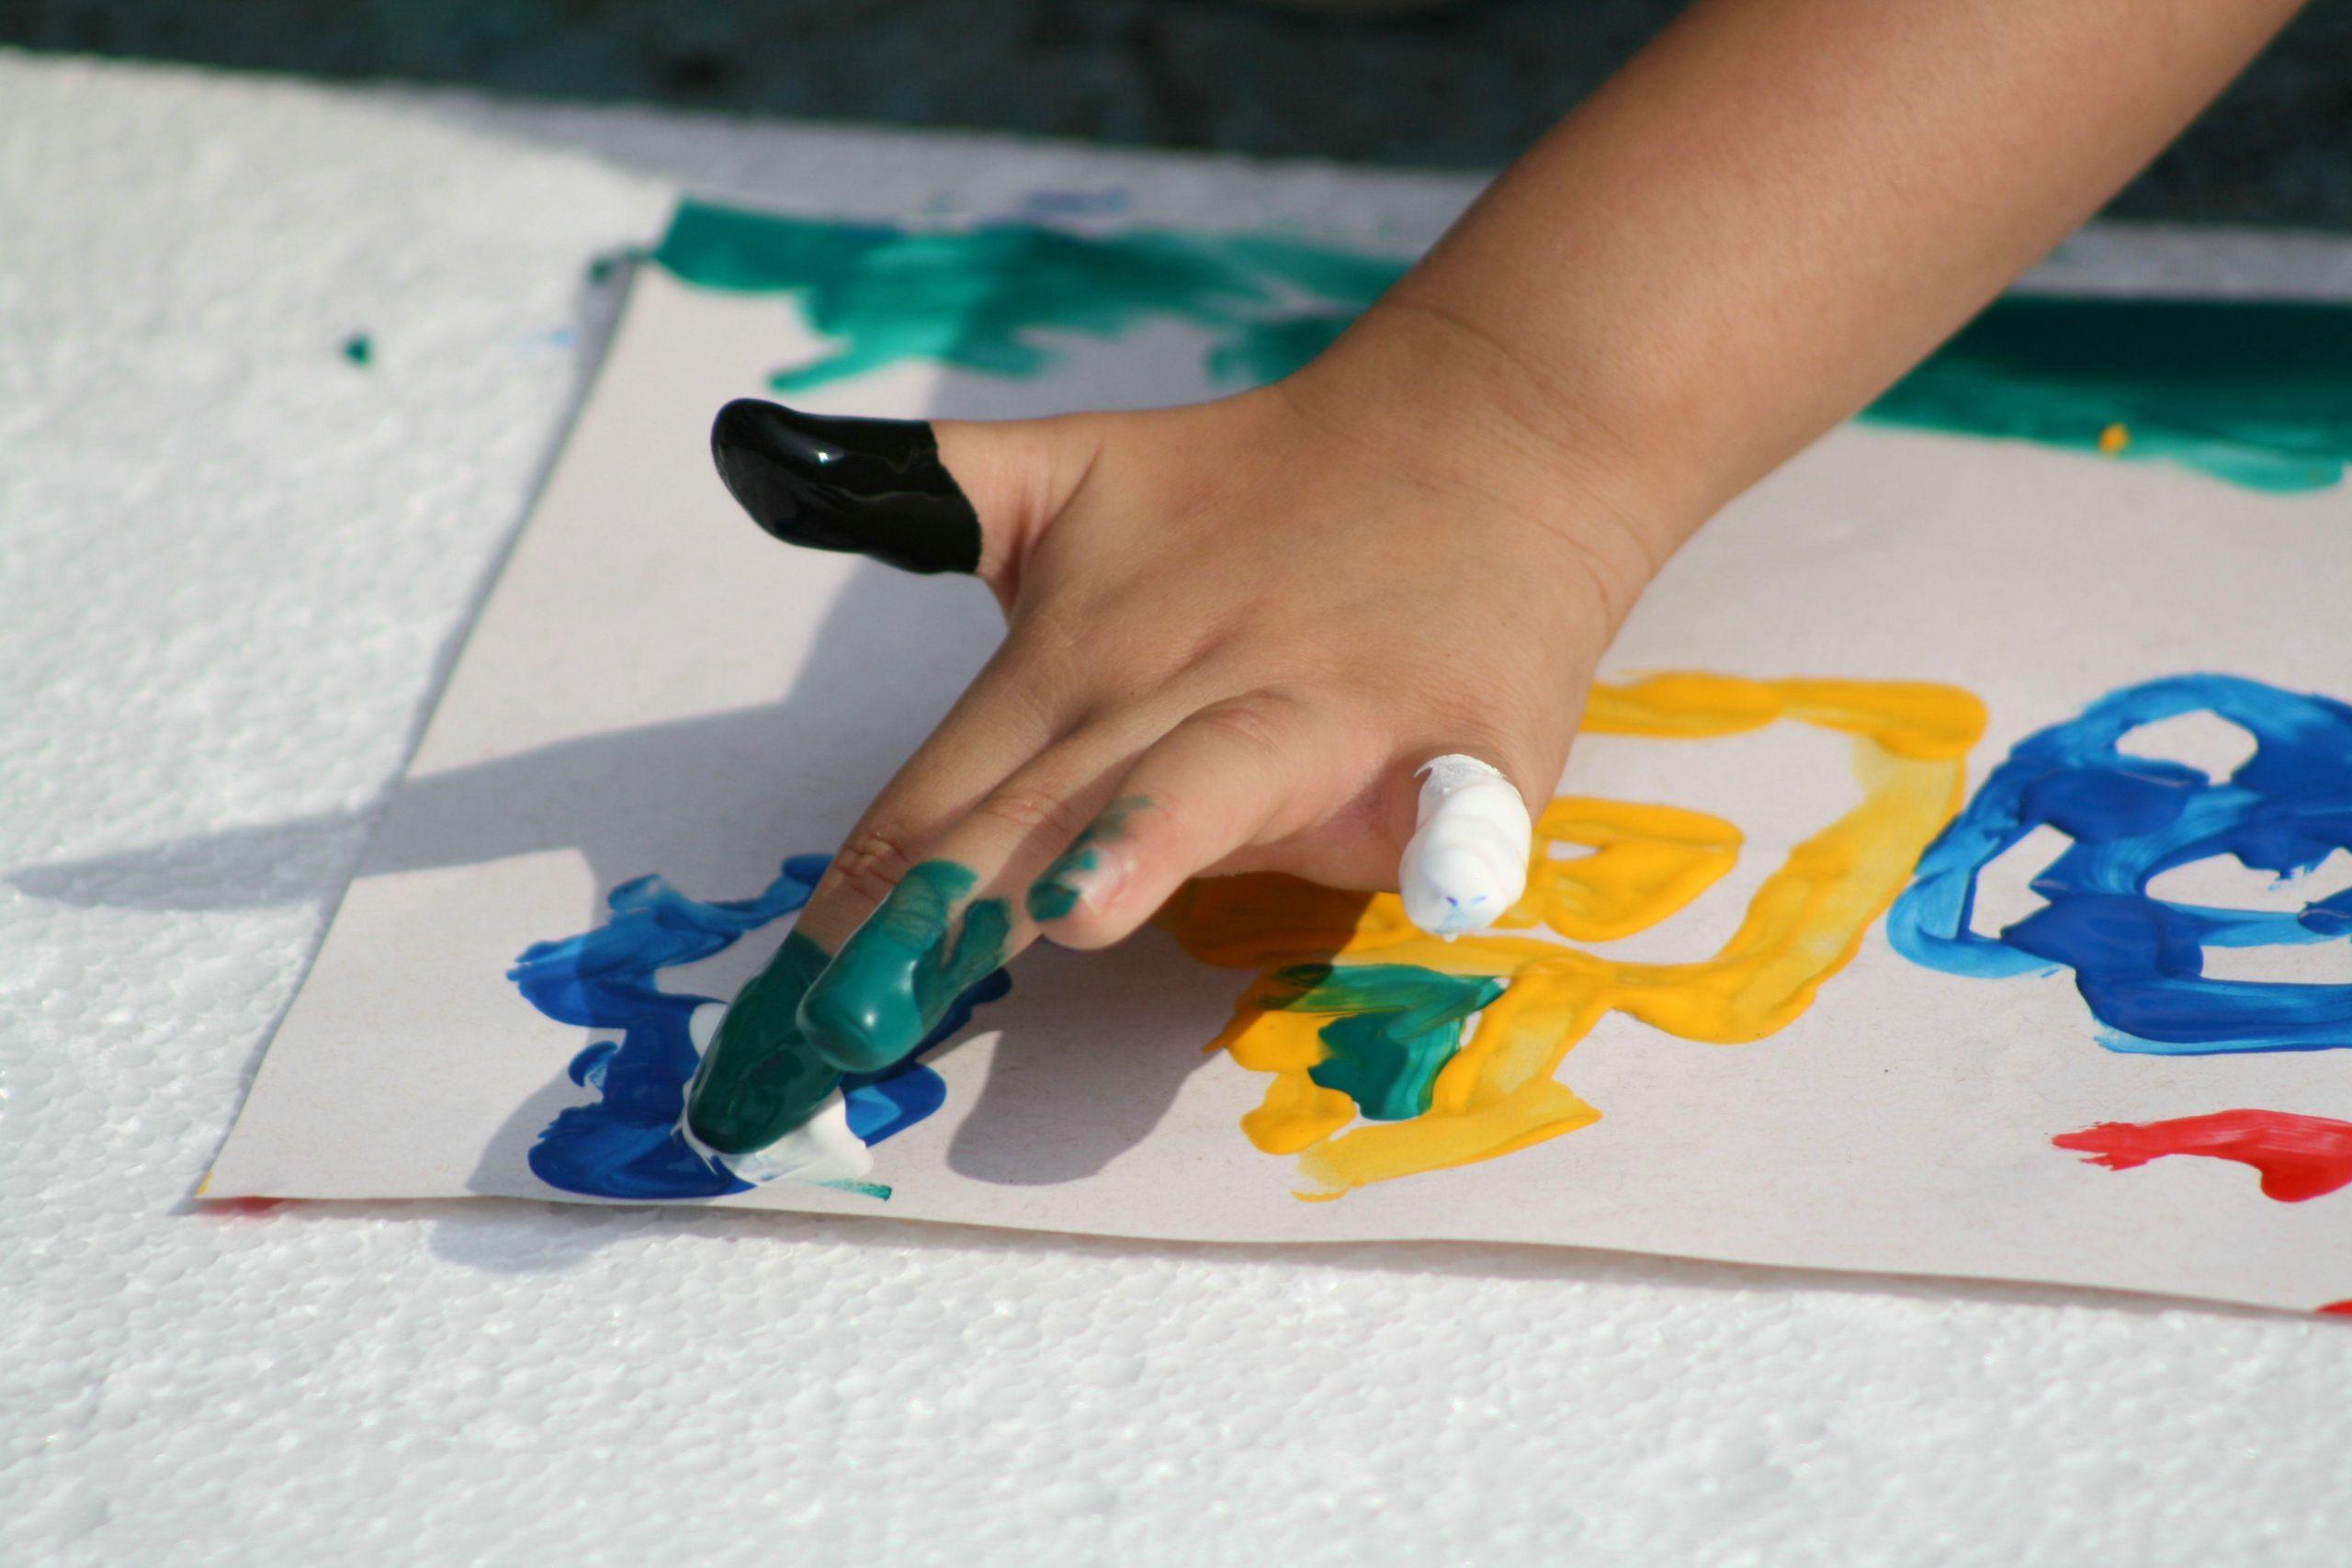 Le Top 10 Des Activités Manuelles Pour Les Enfants encequiconcerne Les 5 Sens Activités Maternelle